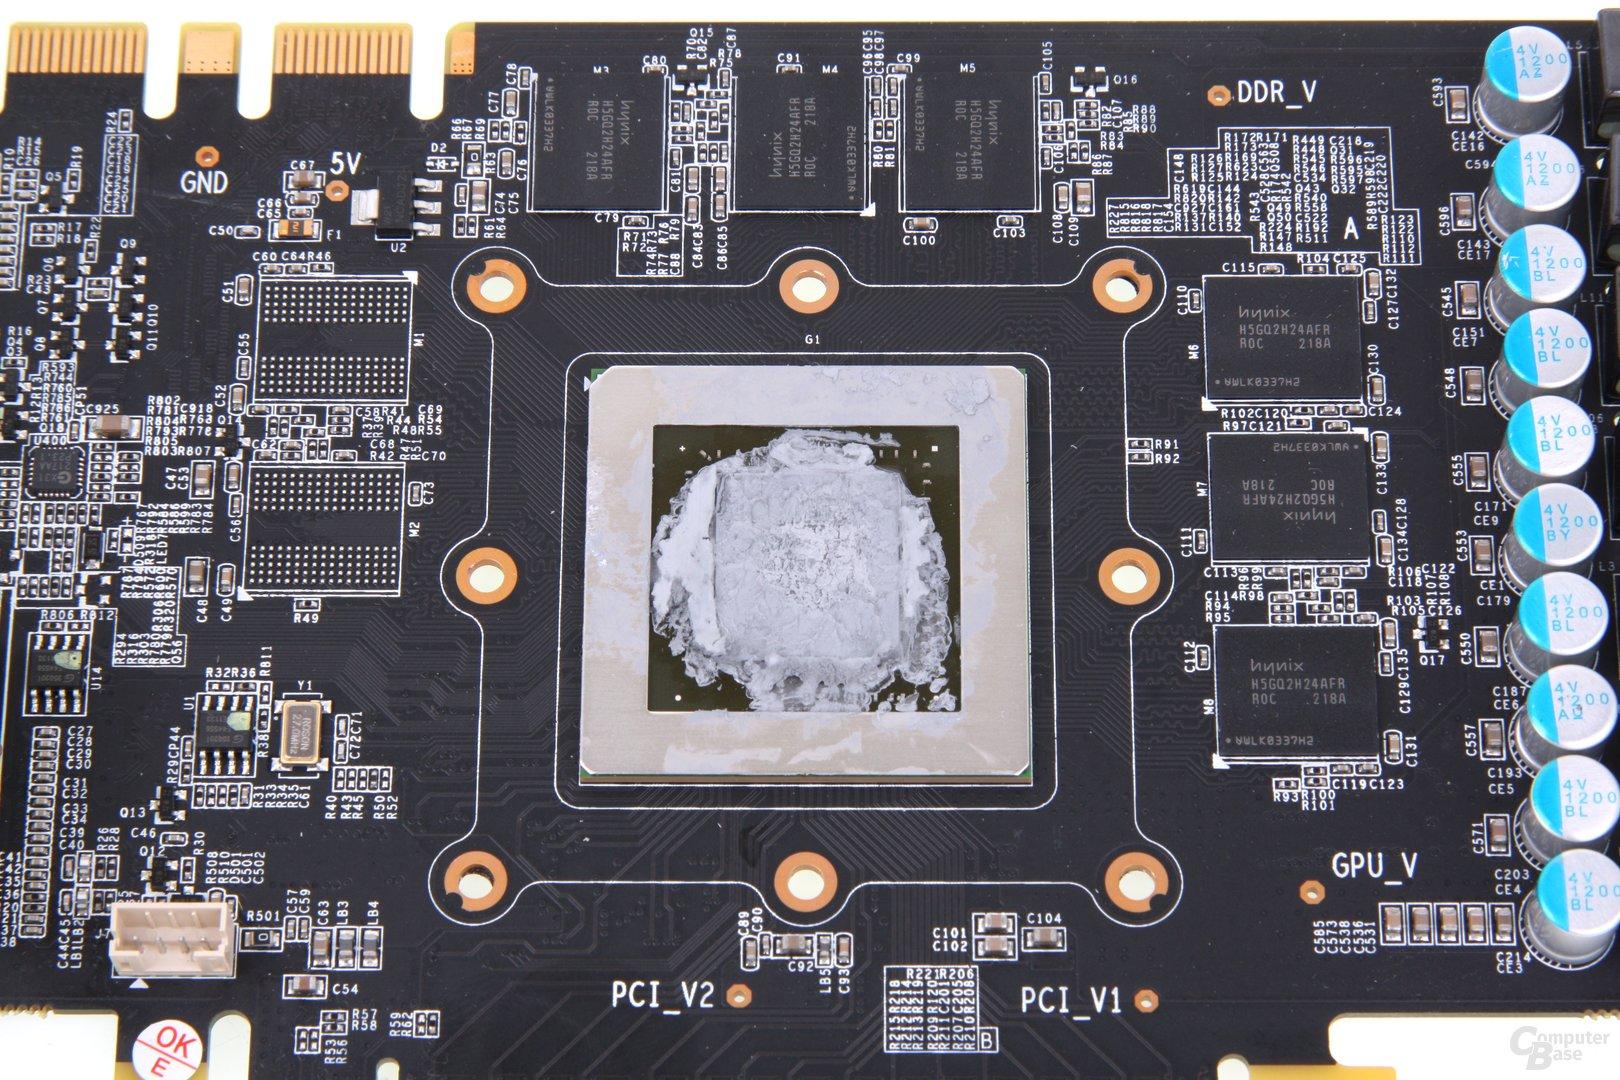 GeForce GTX 660 Ti OC EX GPU und Speicher